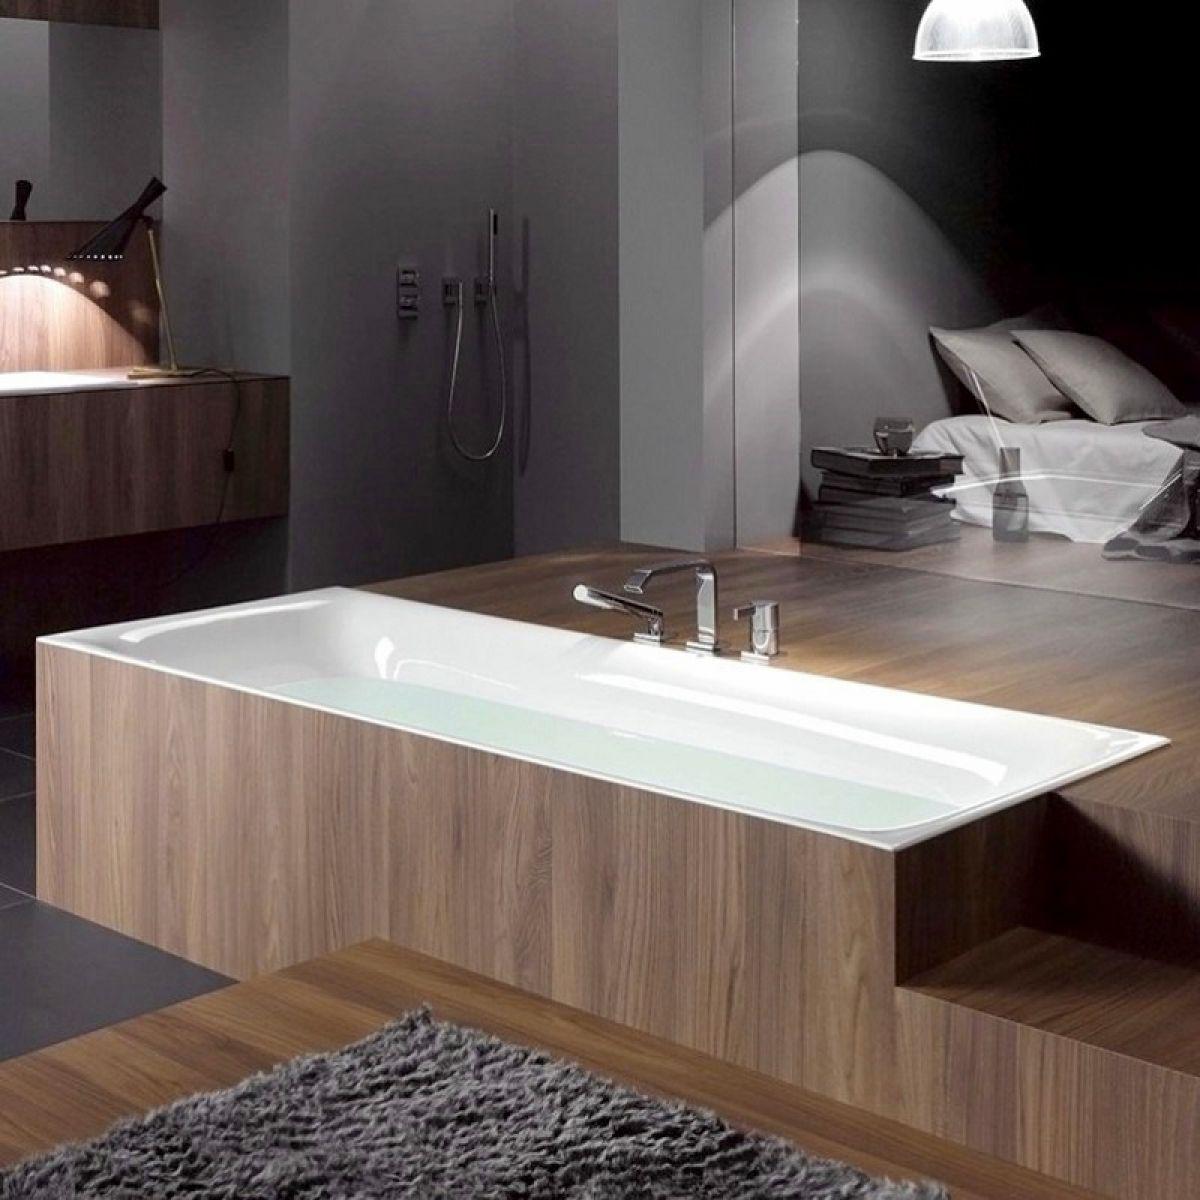 Full Size of Bette Floor Lurectangular Inset Built In Bath Sydney Tap And Bathroom Rauch Betten 140x200 Clinique Even Better Make Up Coole Ikea 160x200 Ohne Kopfteil Bett Bette Floor